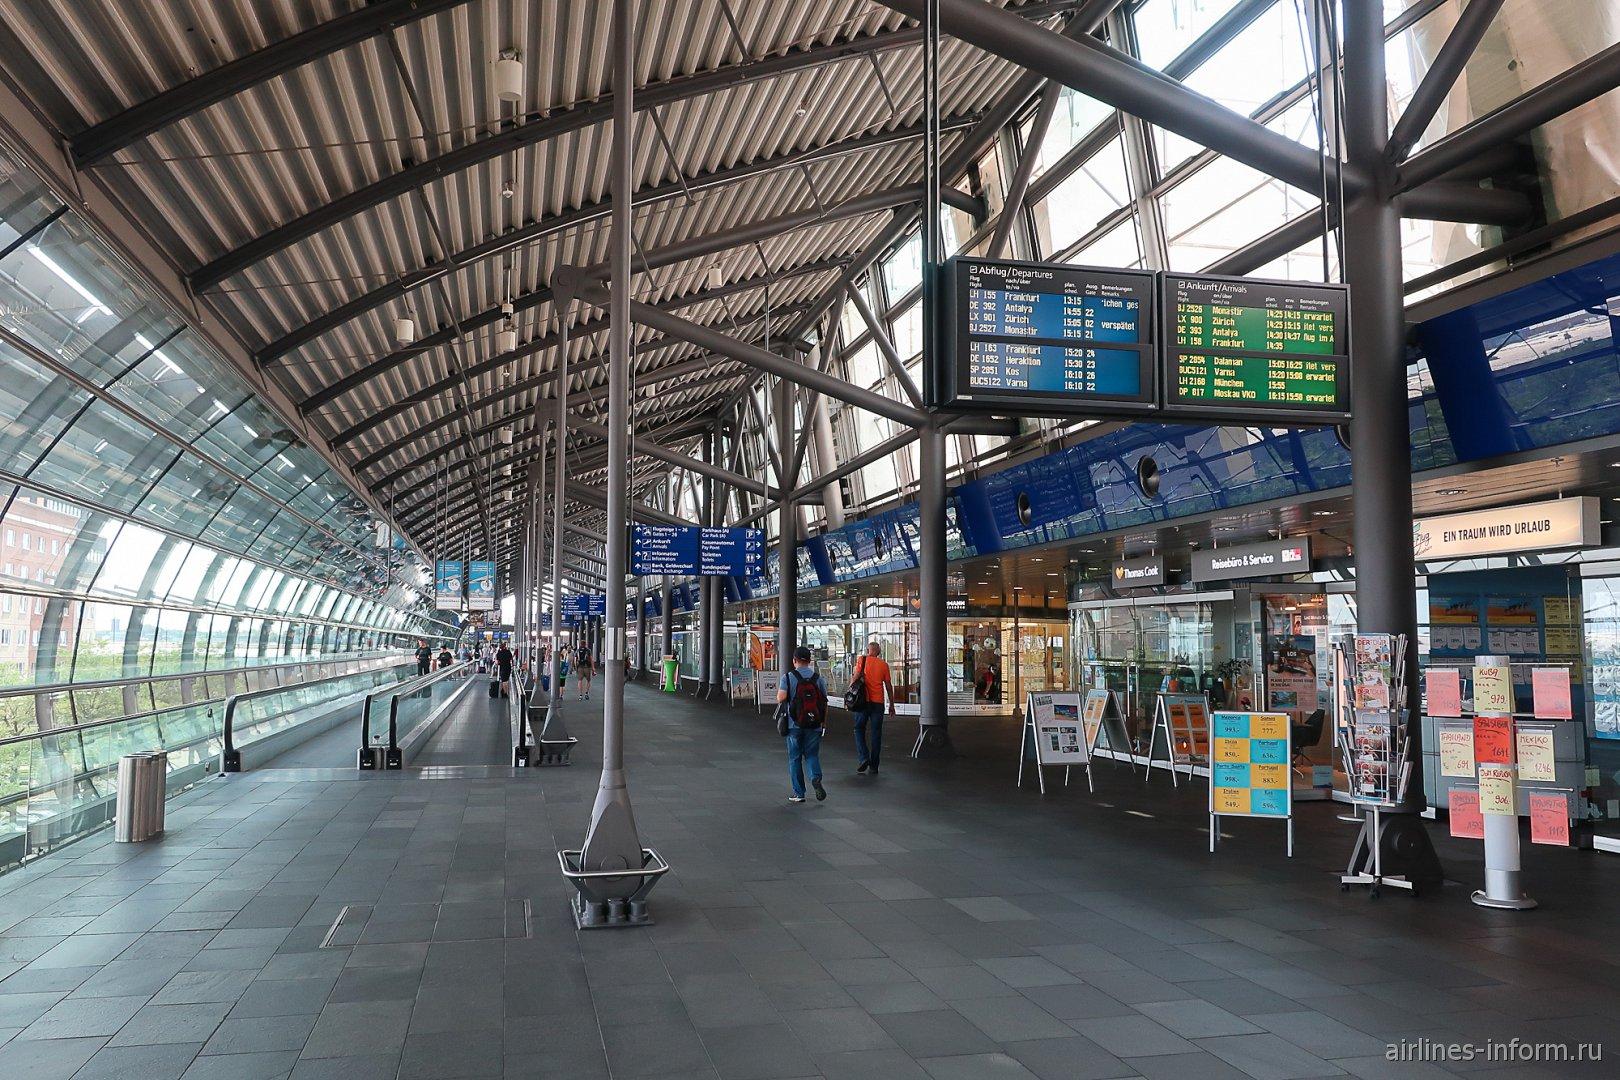 Пешеходный переход между терминалами в аэропорту Лейпциг-Галле